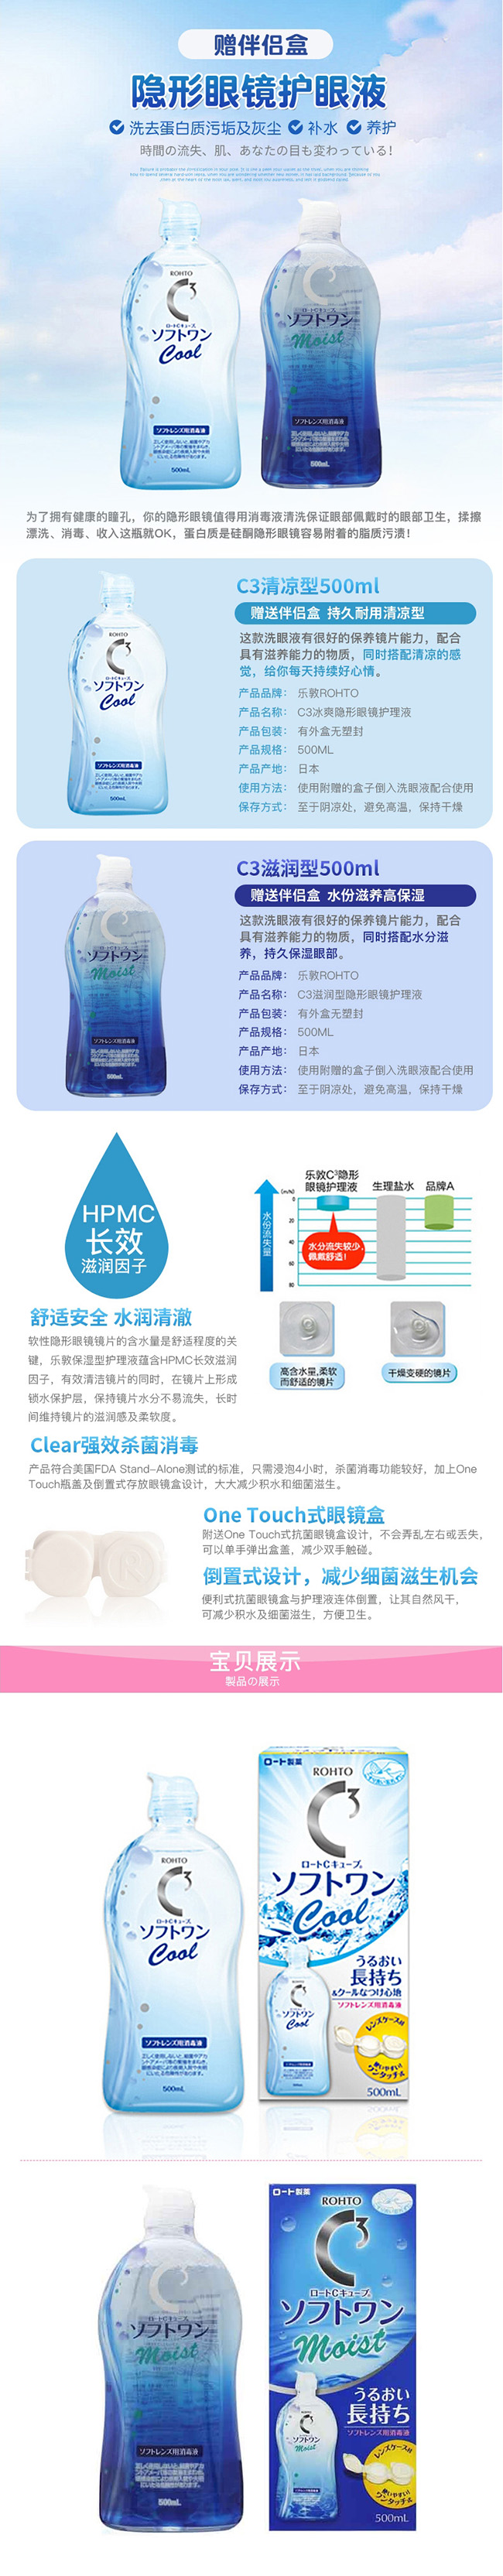 日本ROHTO乐敦C3洗眼液护理液500ml-1.jpg